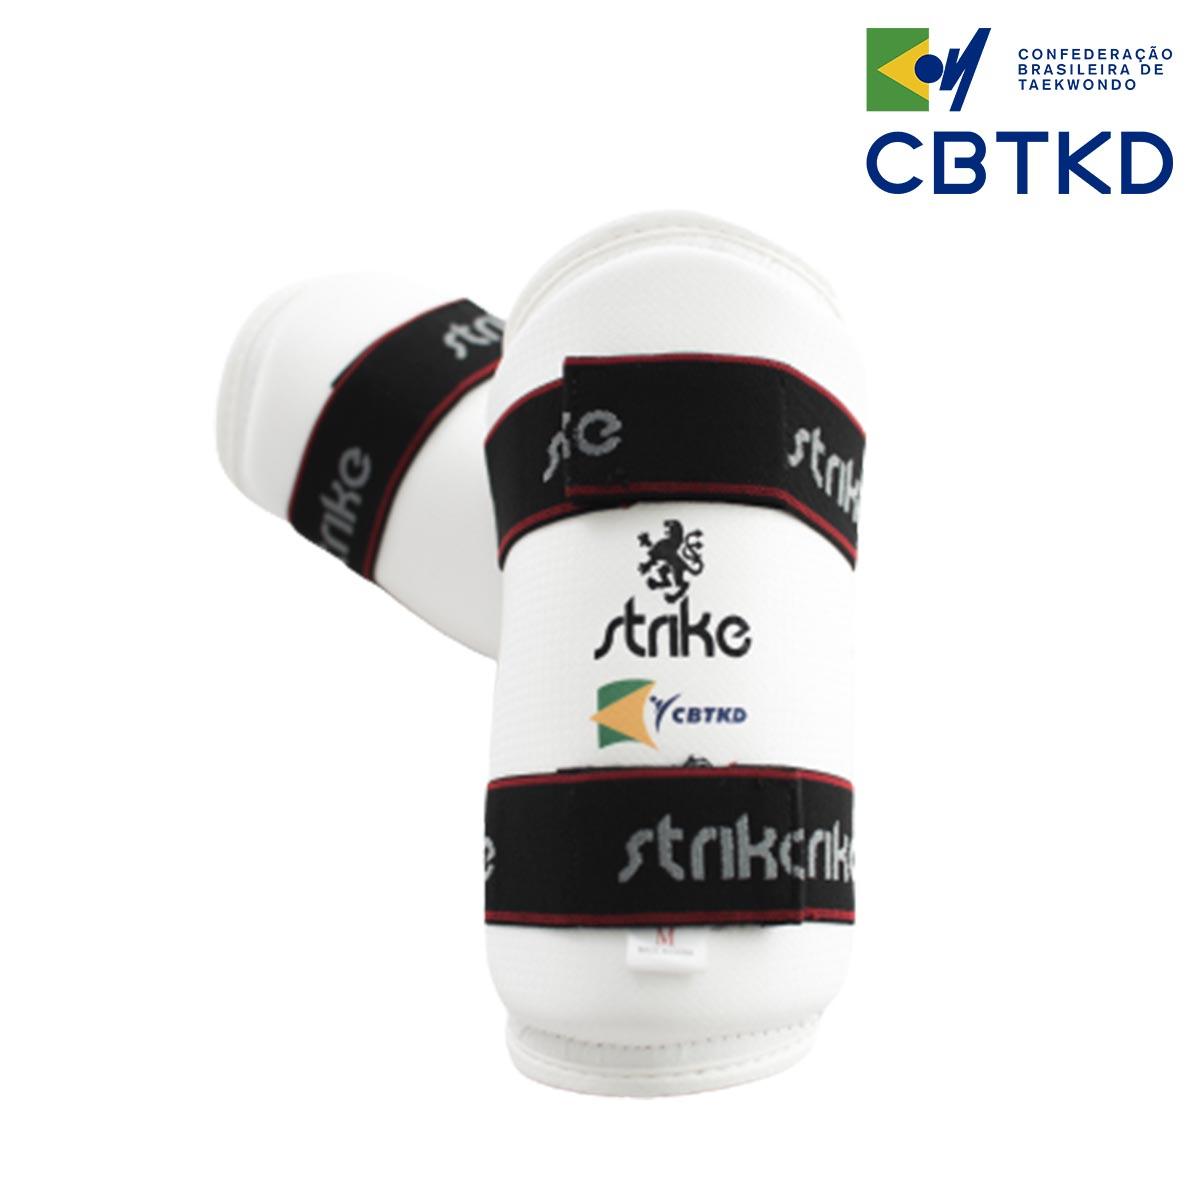 Protetor de antebraço Strike Taekwondo Oficial CBTKD